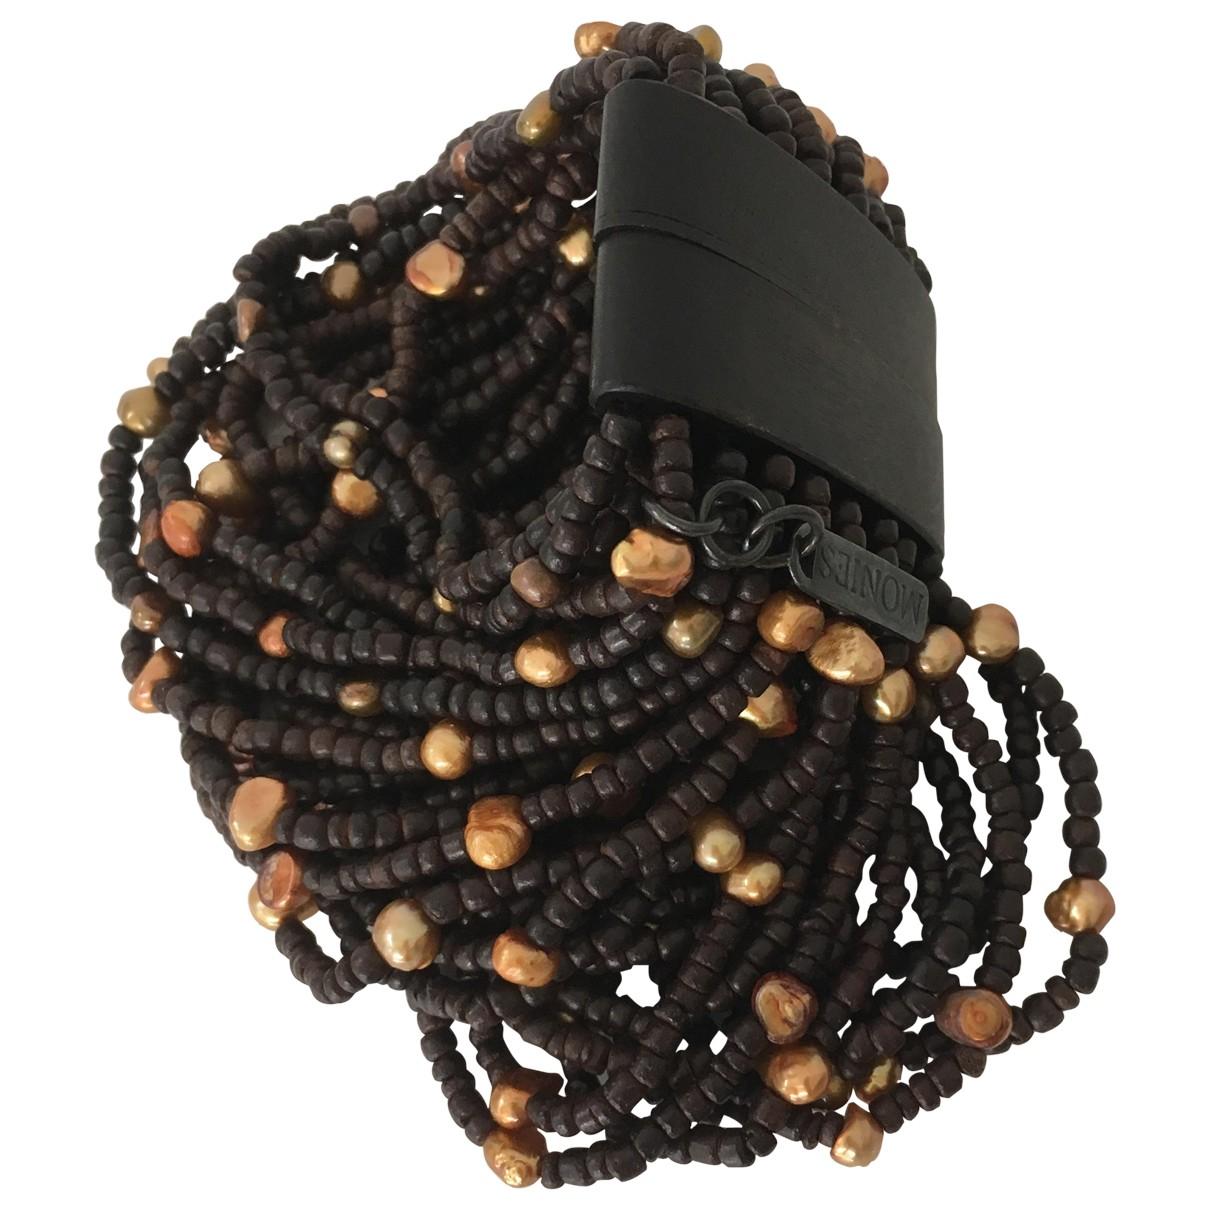 Monies \N Brown Pearls bracelet for Women \N